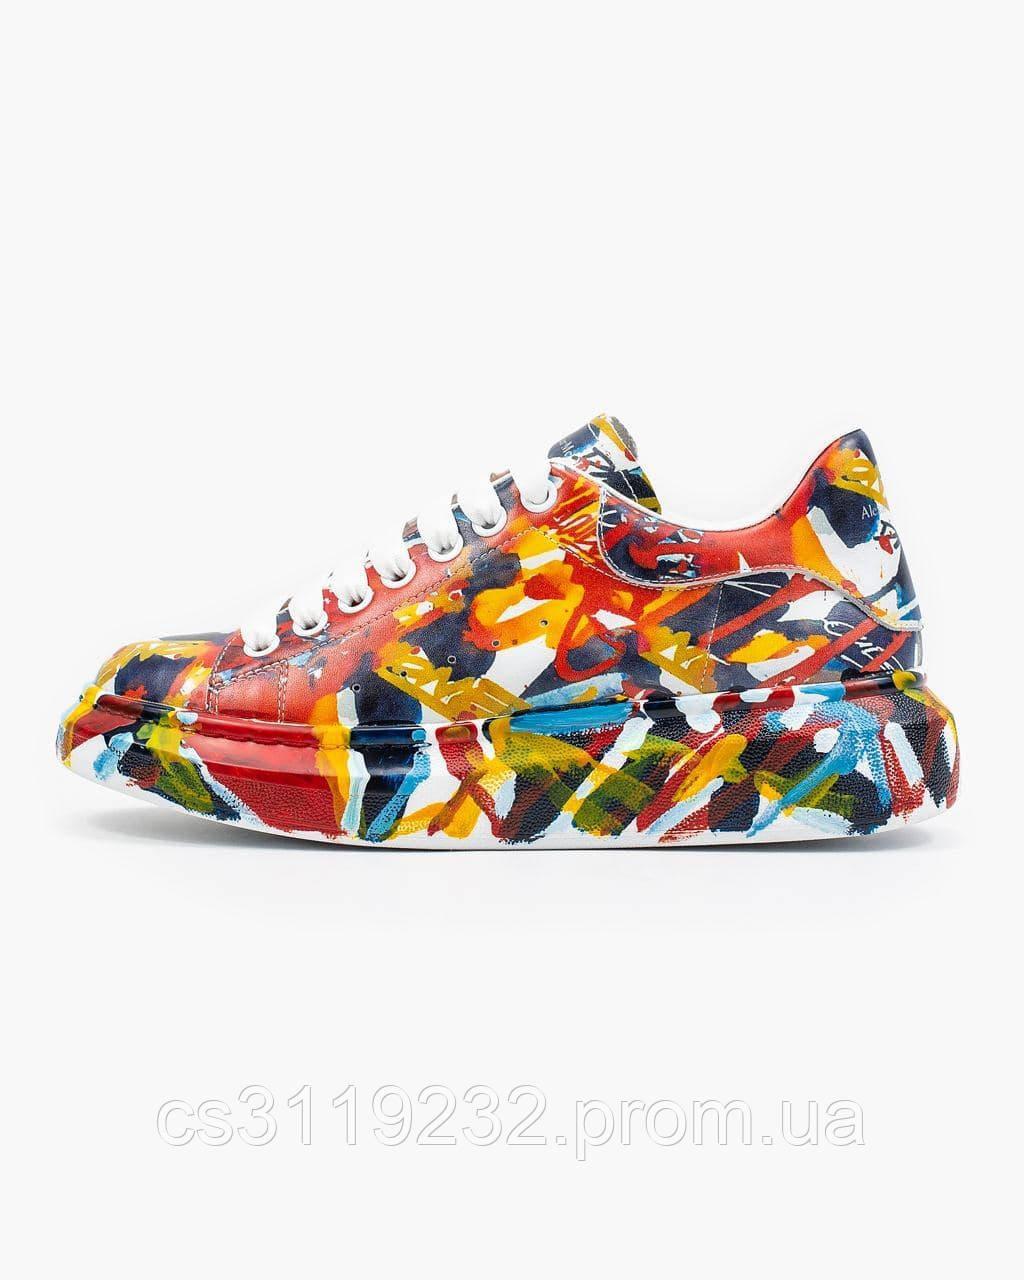 Жіночі кросівки Custom Graffiti (мультиколор)